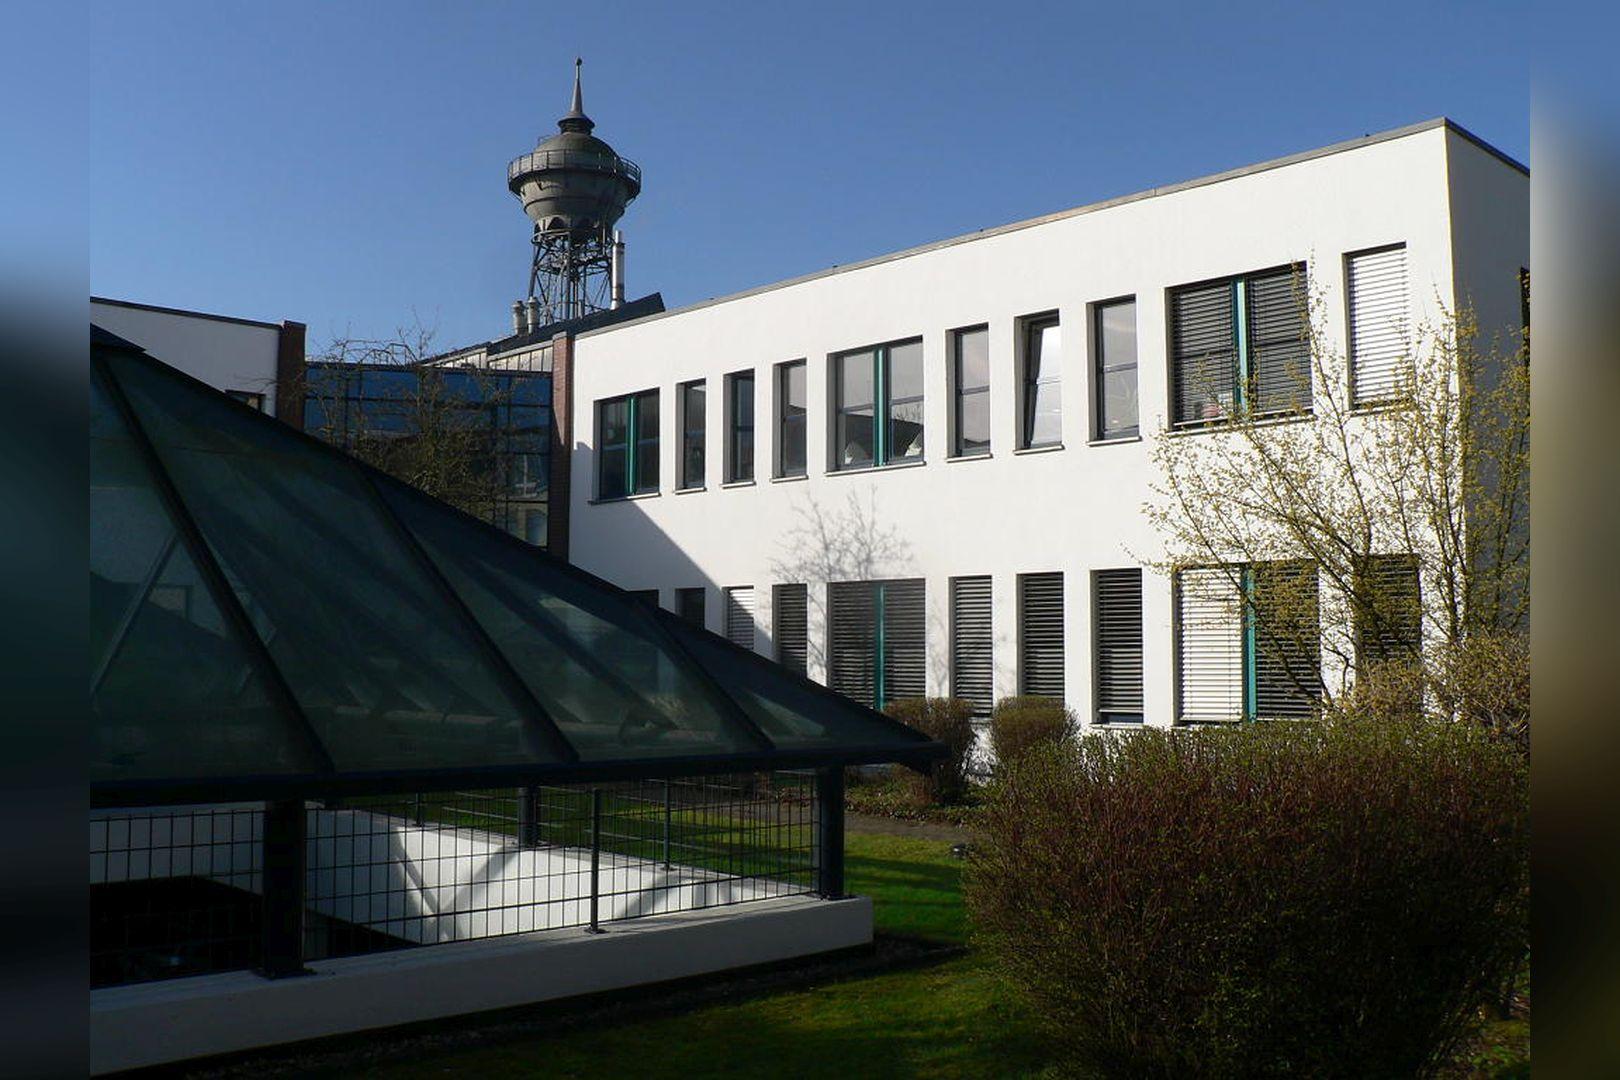 Immobilie Nr.0200 - Gut vermietete Büro- und Praxisflächen mit Tiefgarage und Außenstellplätzen - Bild 2.jpg